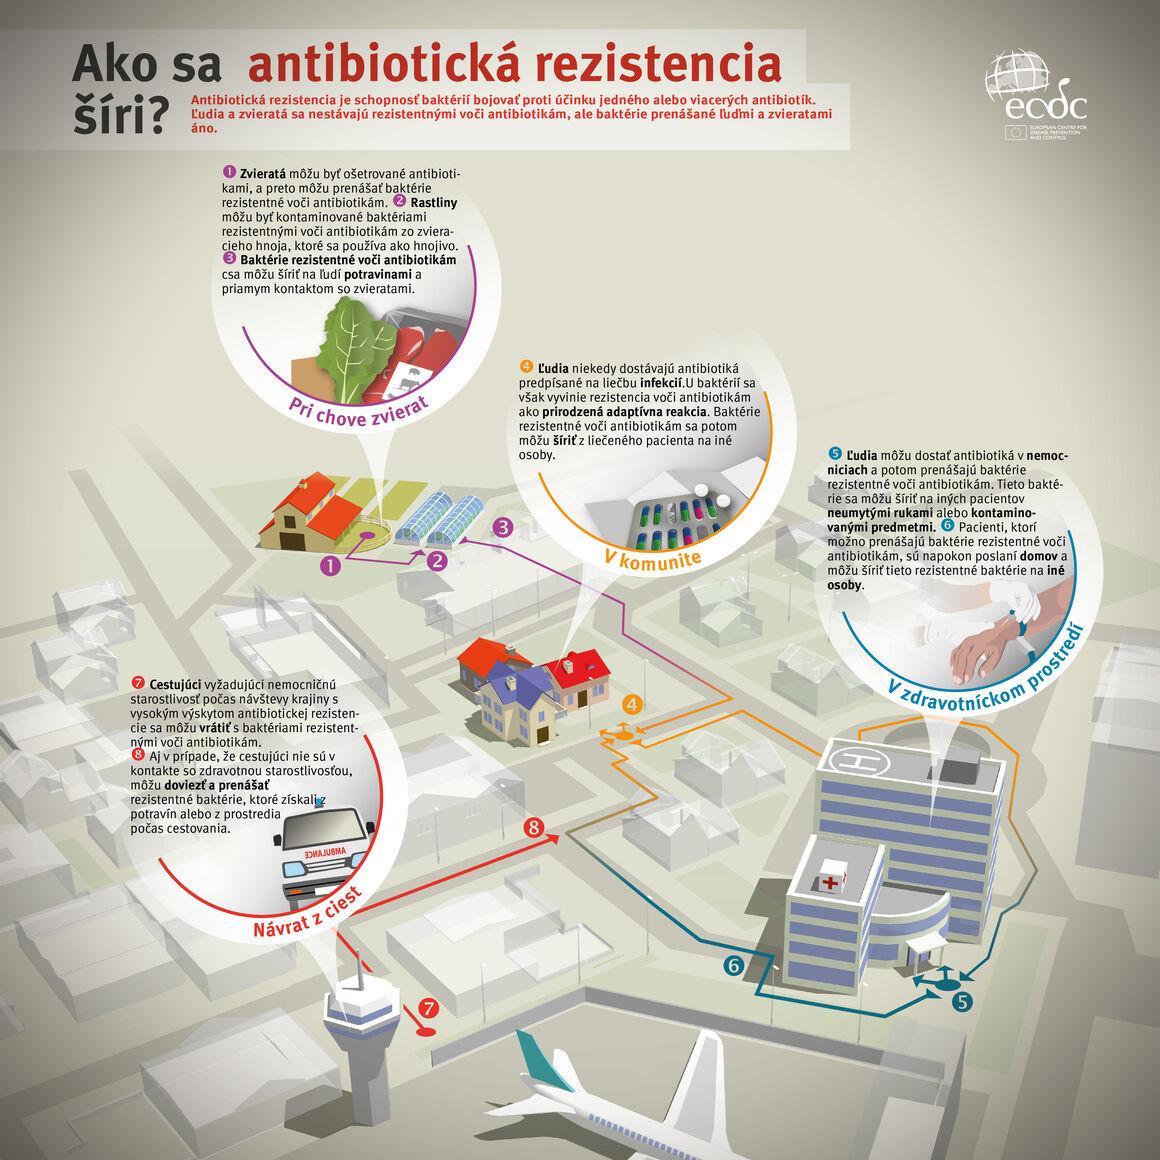 Ako sa antibiotická rezistencia šíri?